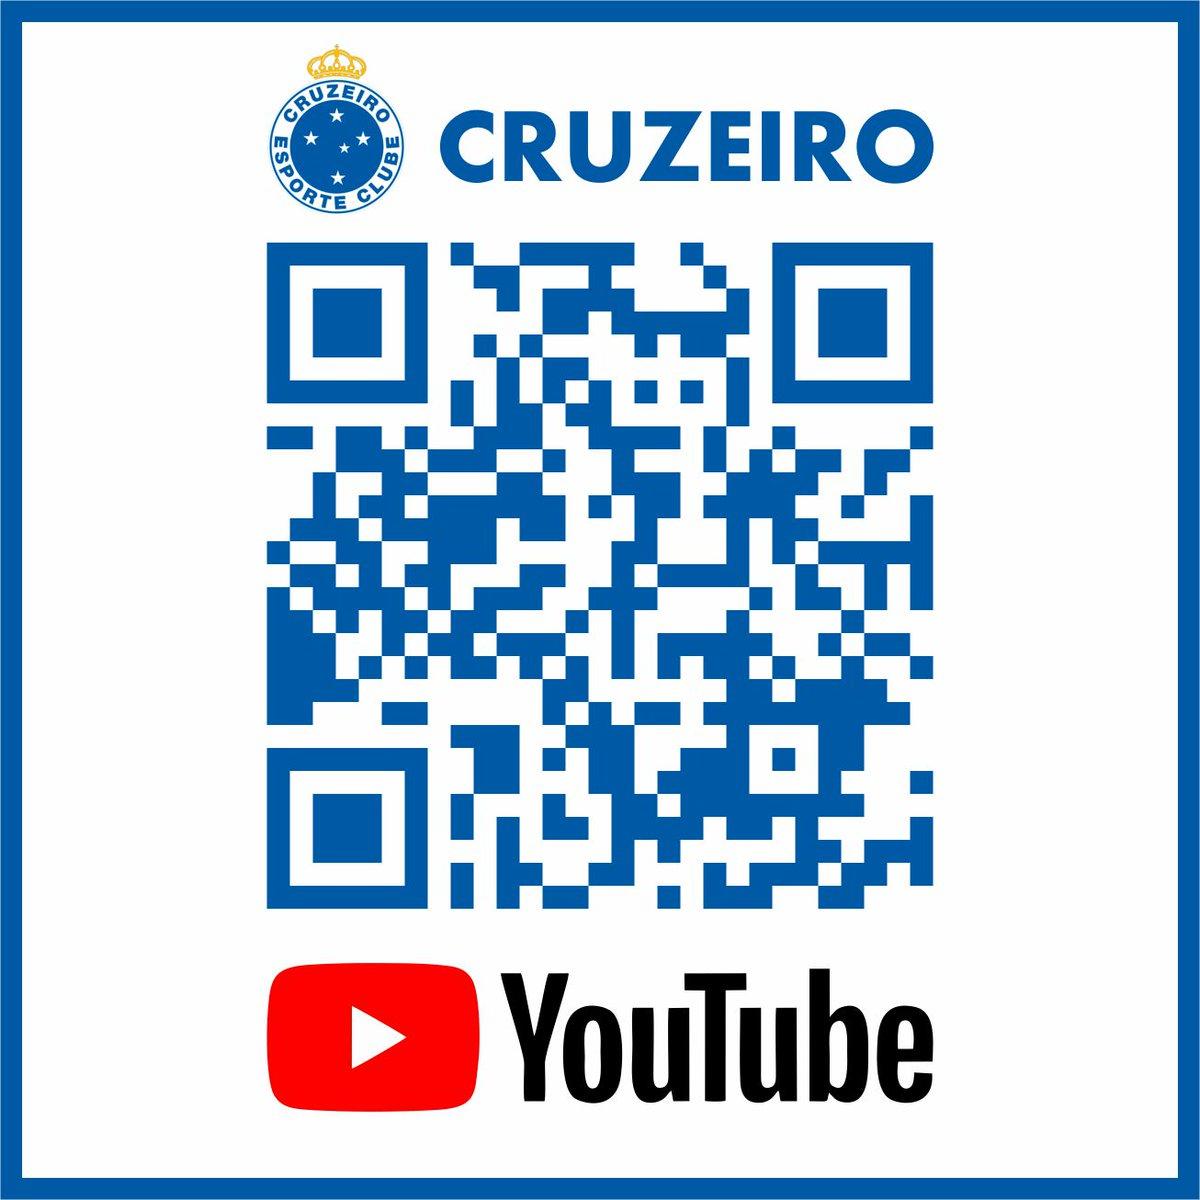 RT @vinicivz: Vamos seguir o Cruzeiro no YouTube galera! QRCODE para espalhar geral.  #UmNovoCruzeiro https://t.co/xMMZGWvLSE